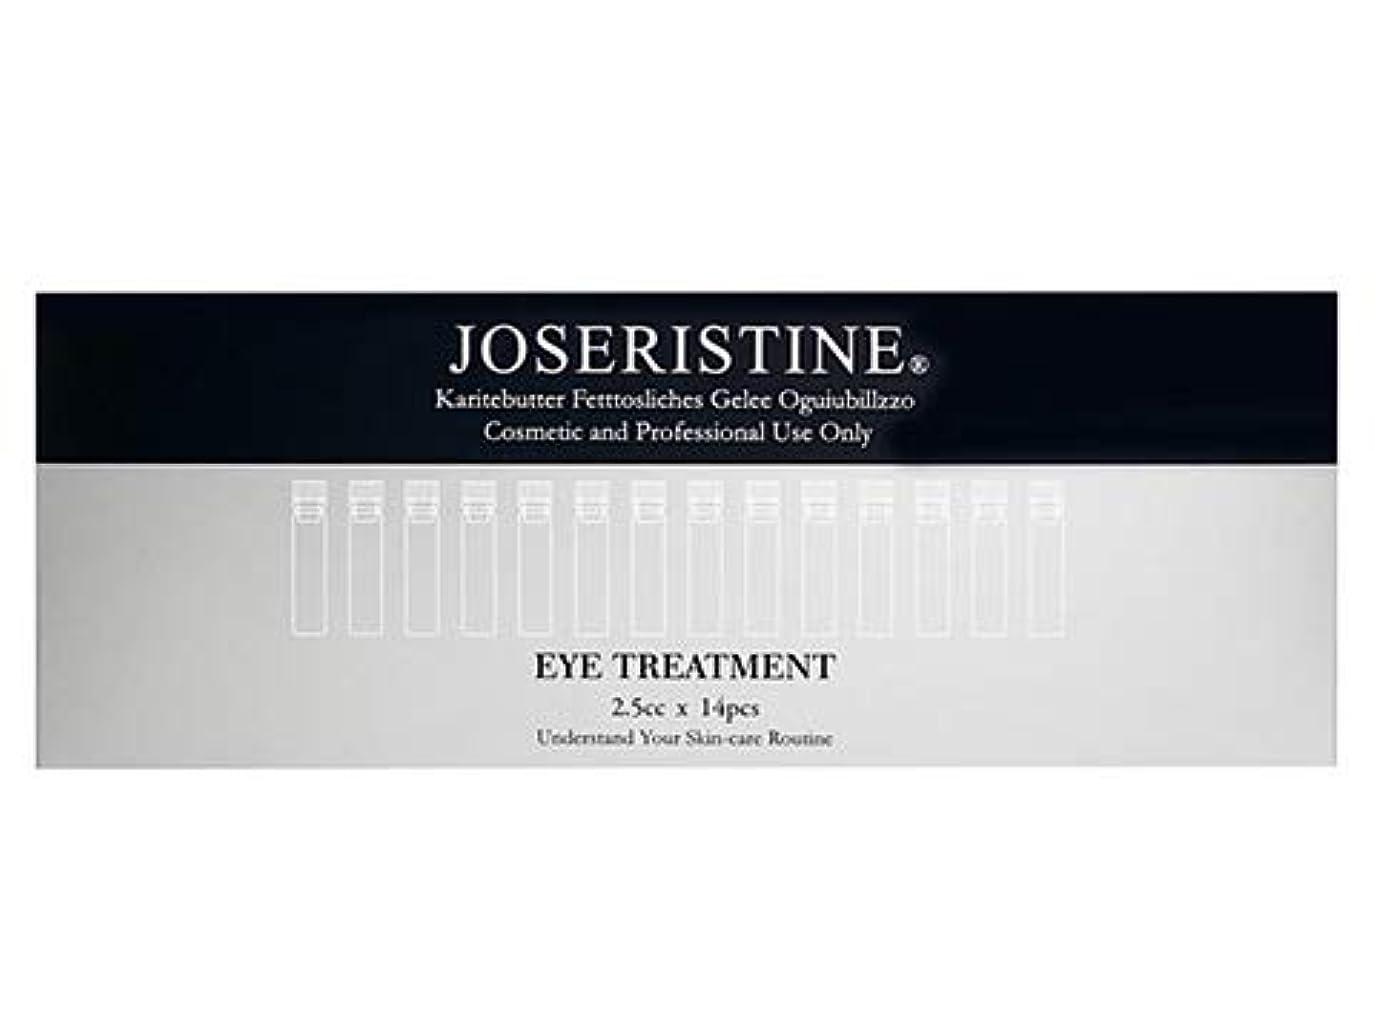 教天才顕現[Joseristine] アイ トリートメント Joseristine Eye Treatment (14pcs)